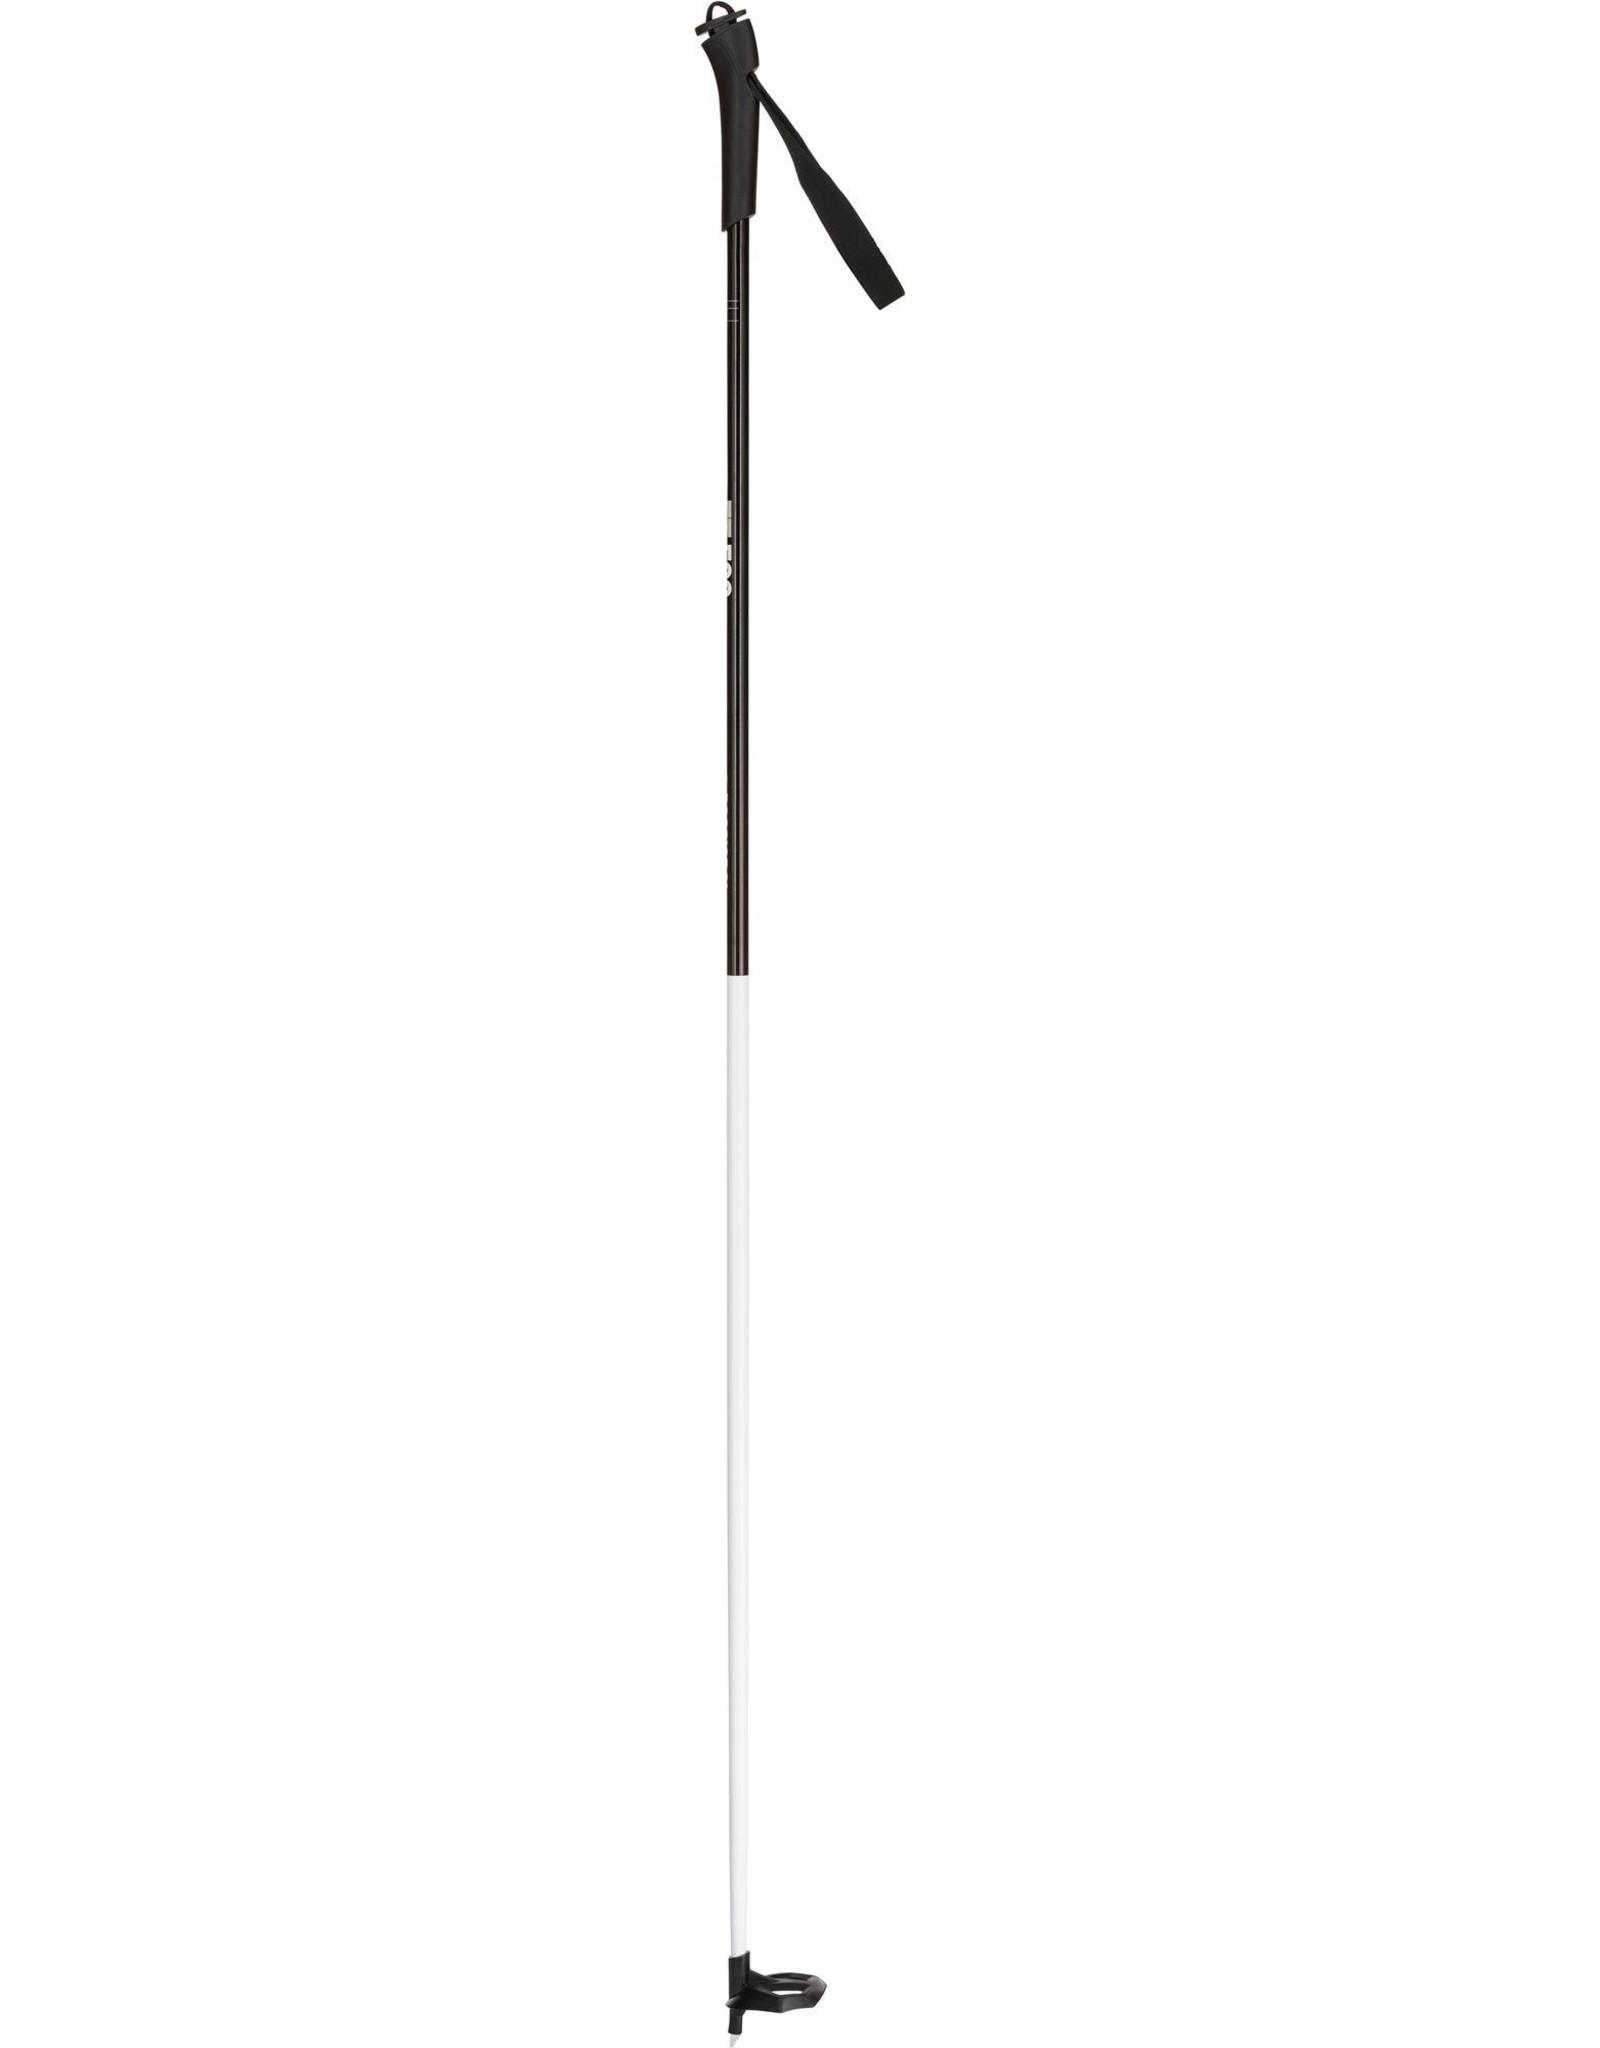 ROSSIGNOL ROSSIGNOL FT-501 junior nordic ski pole